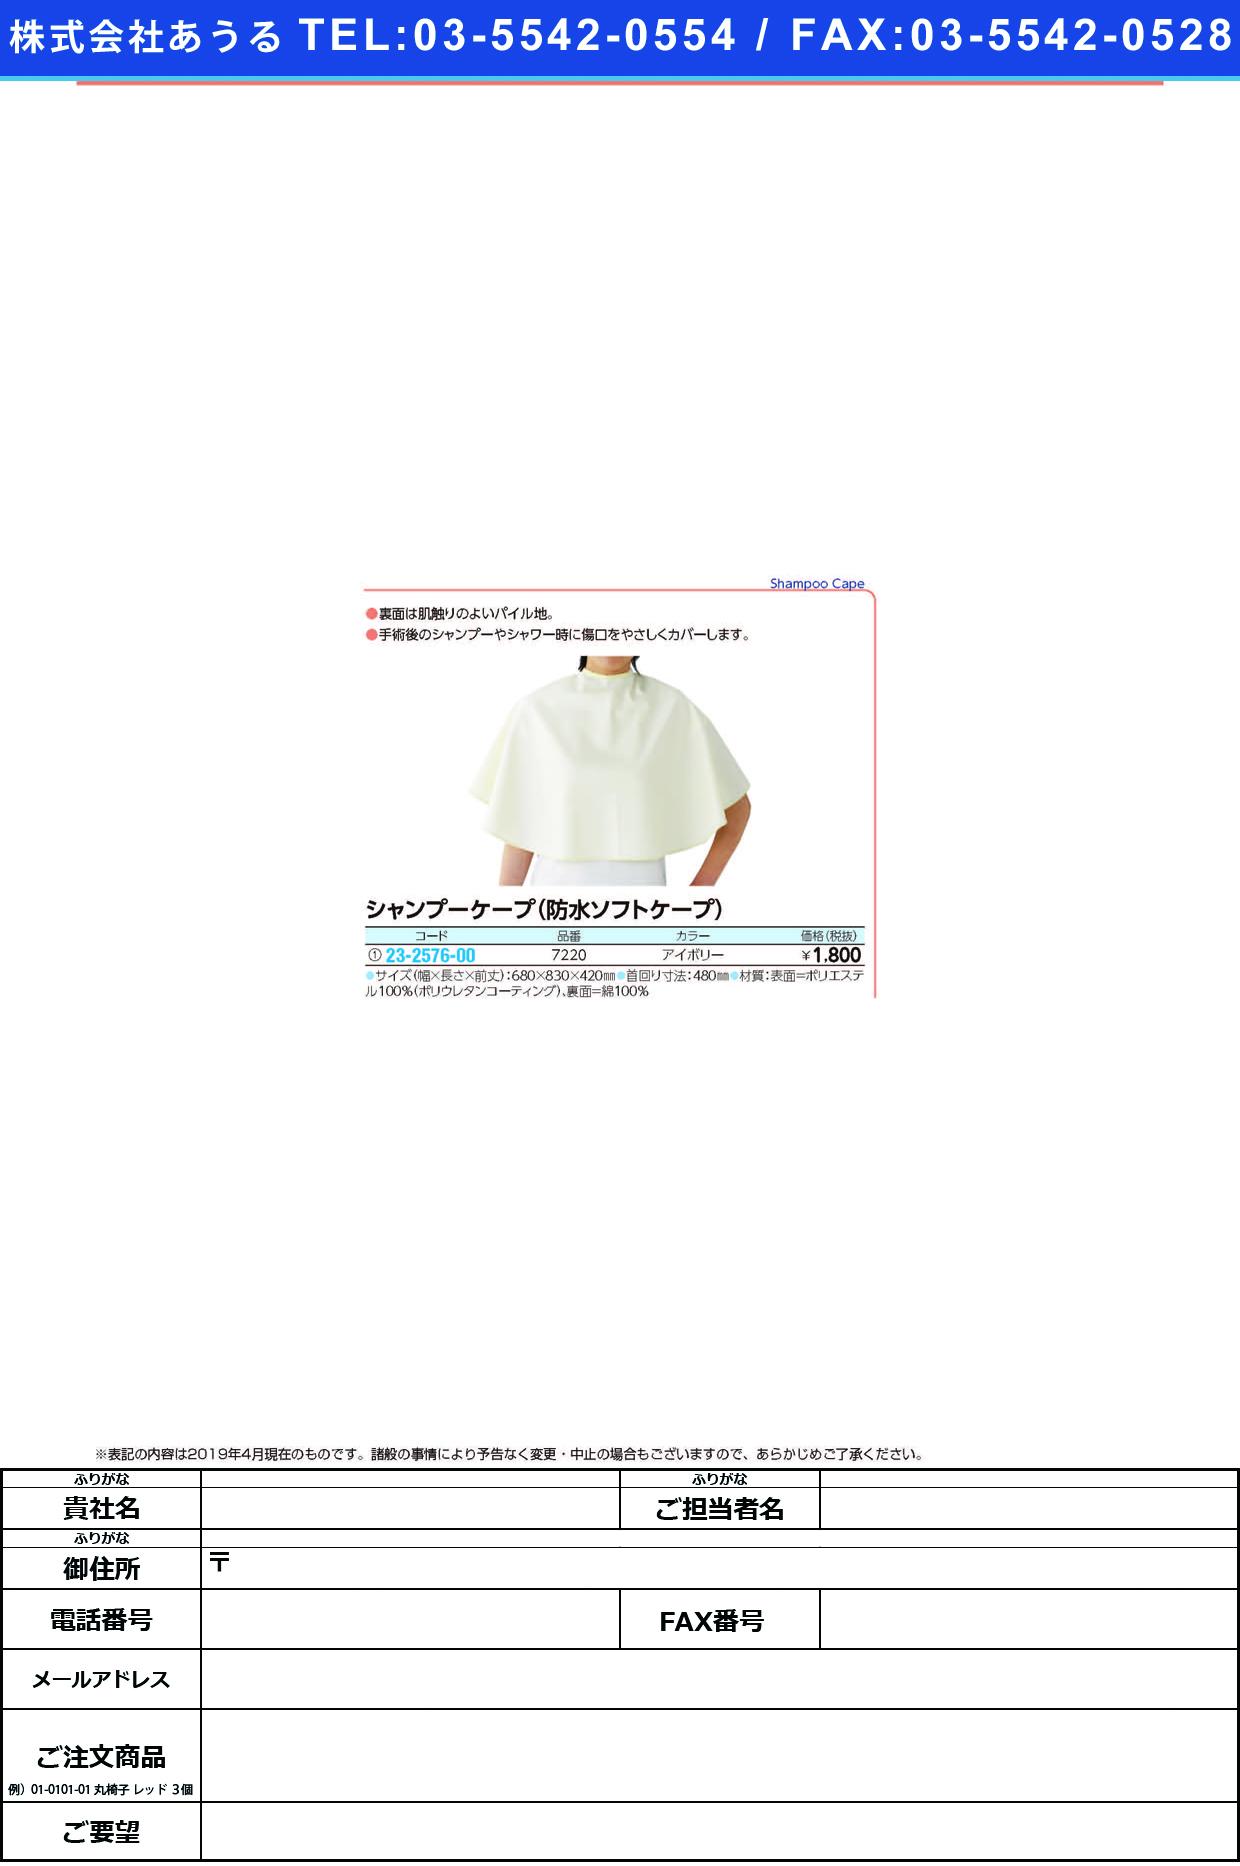 (23-2576-00)防水ソフトケープ 7220(アイボリー) ボウスイソフトケープ【1枚単位】【2019年カタログ商品】